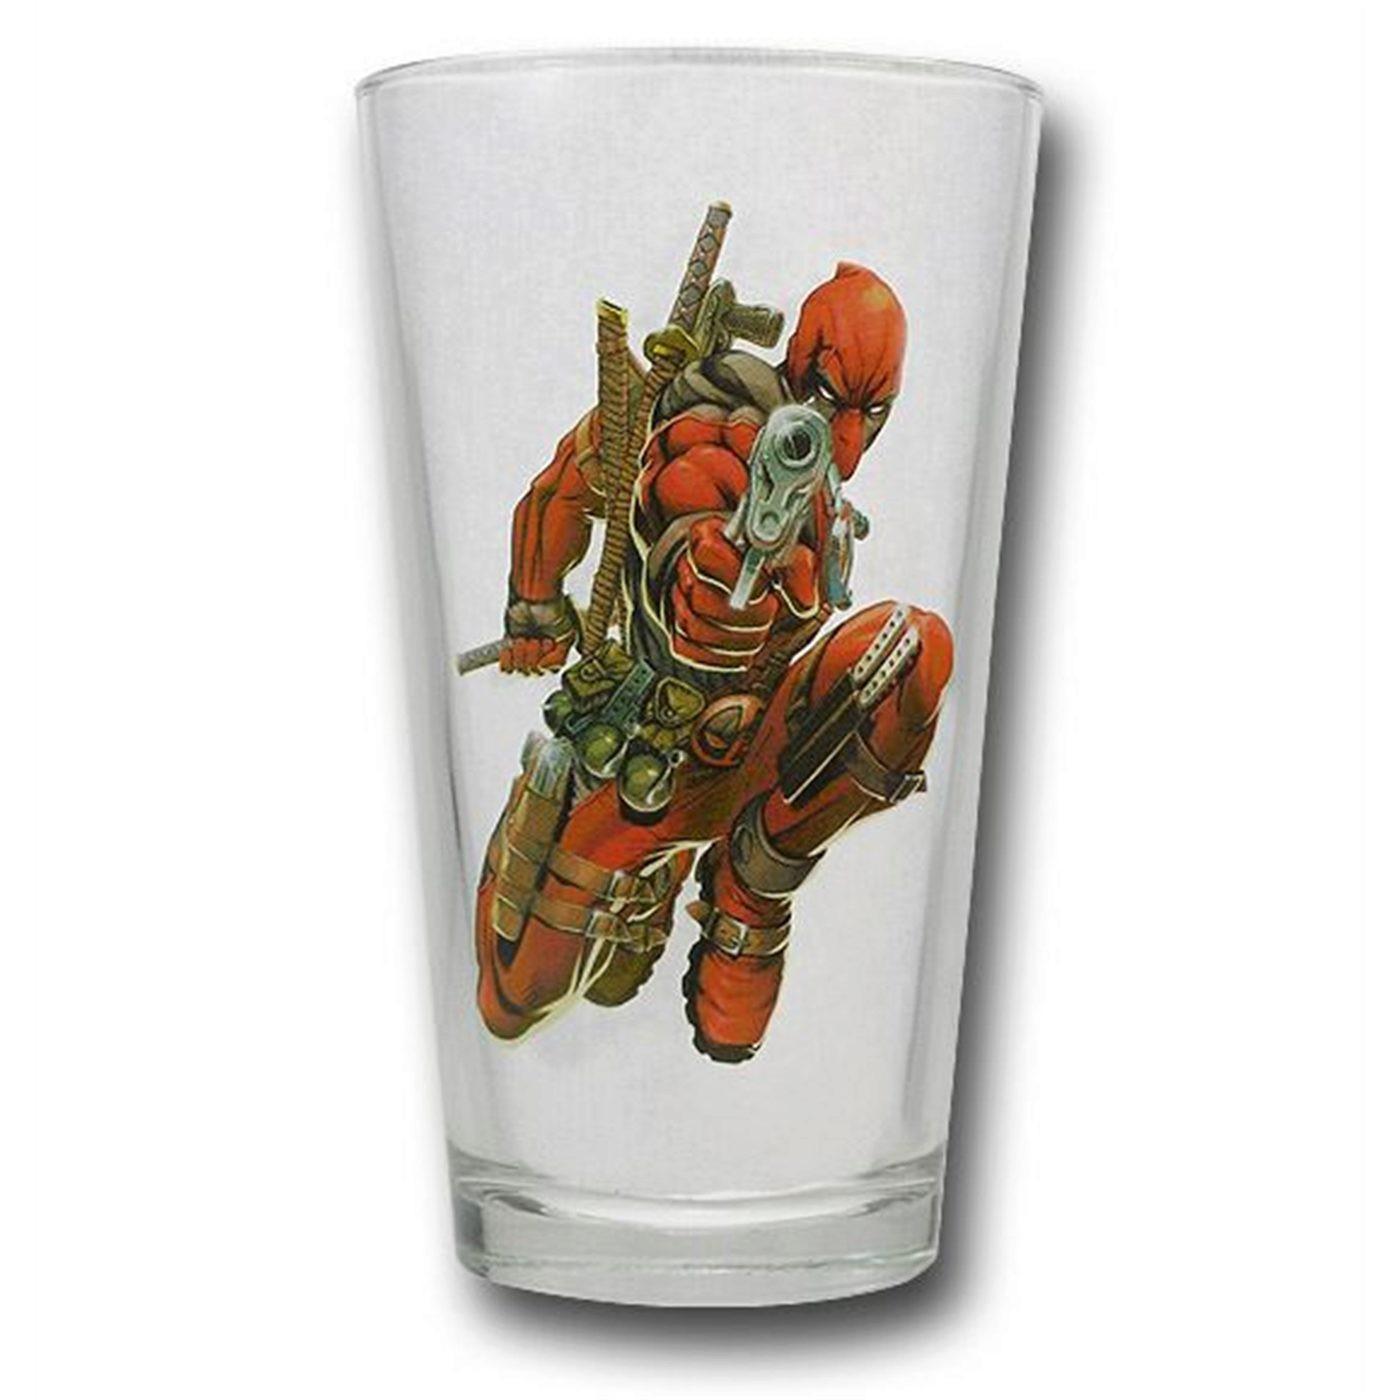 Deadpool Pint Glass